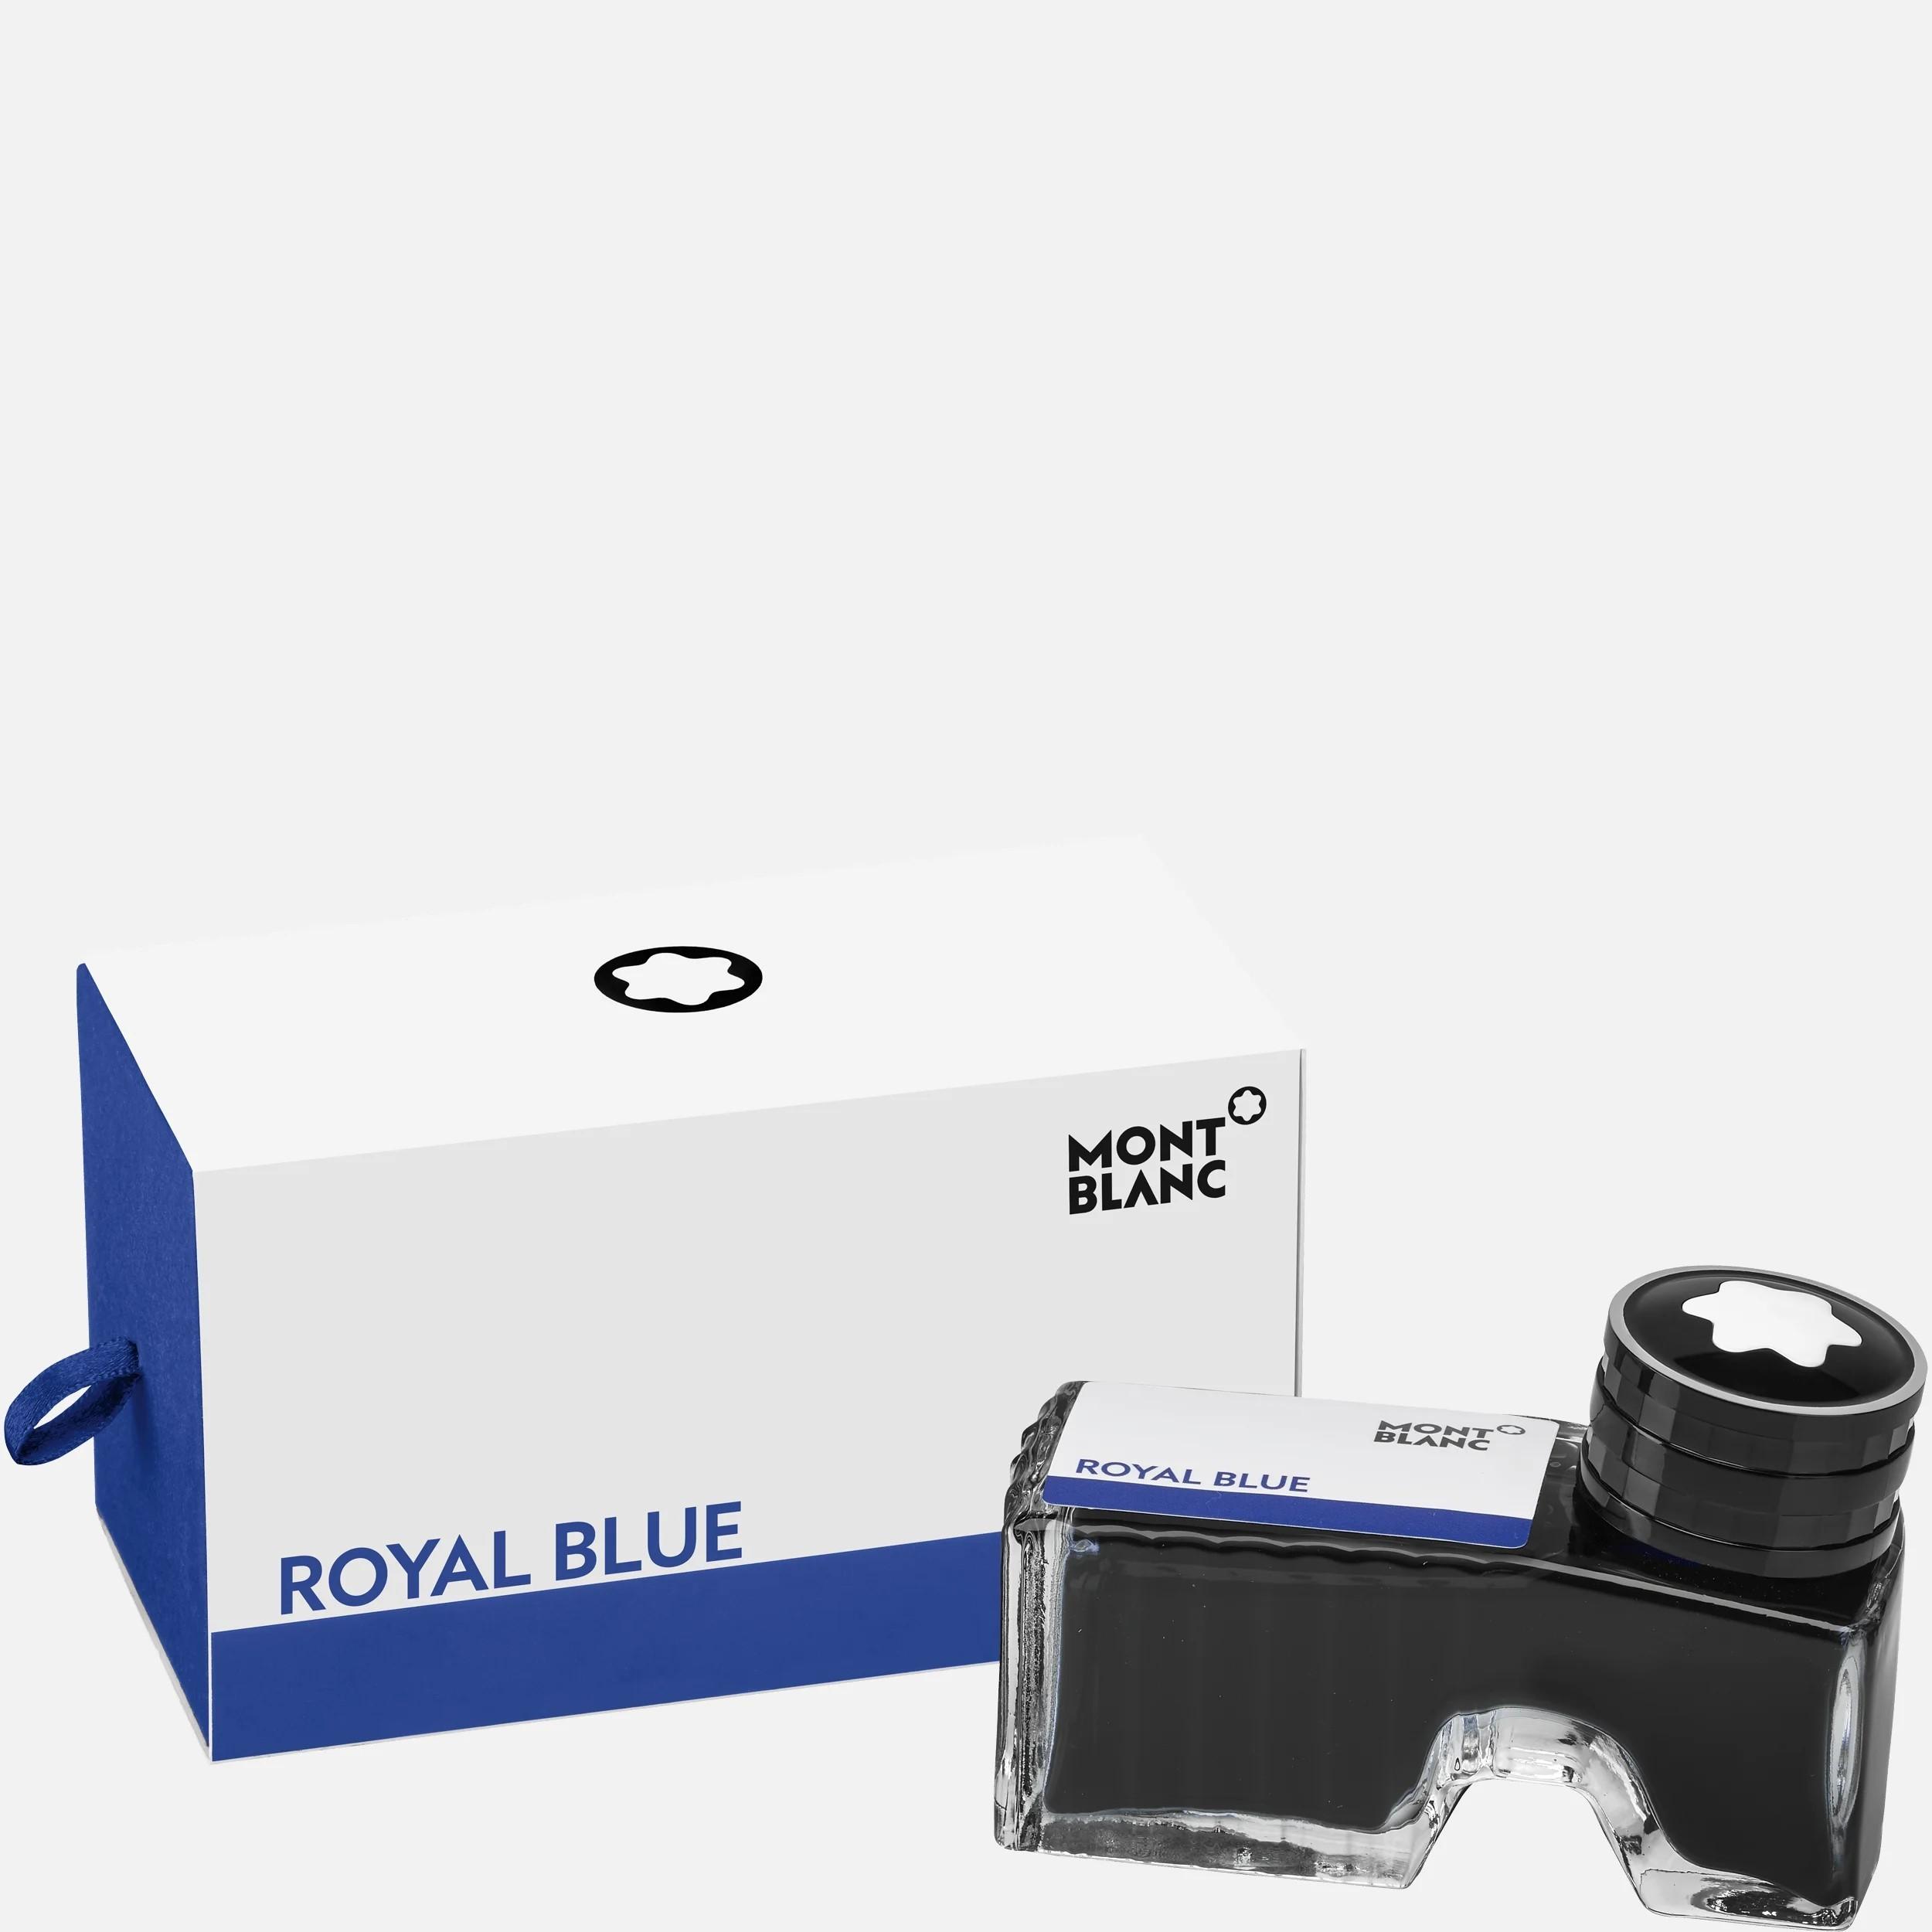 MontBlanc Bottled Ink Royal Blue 60ml